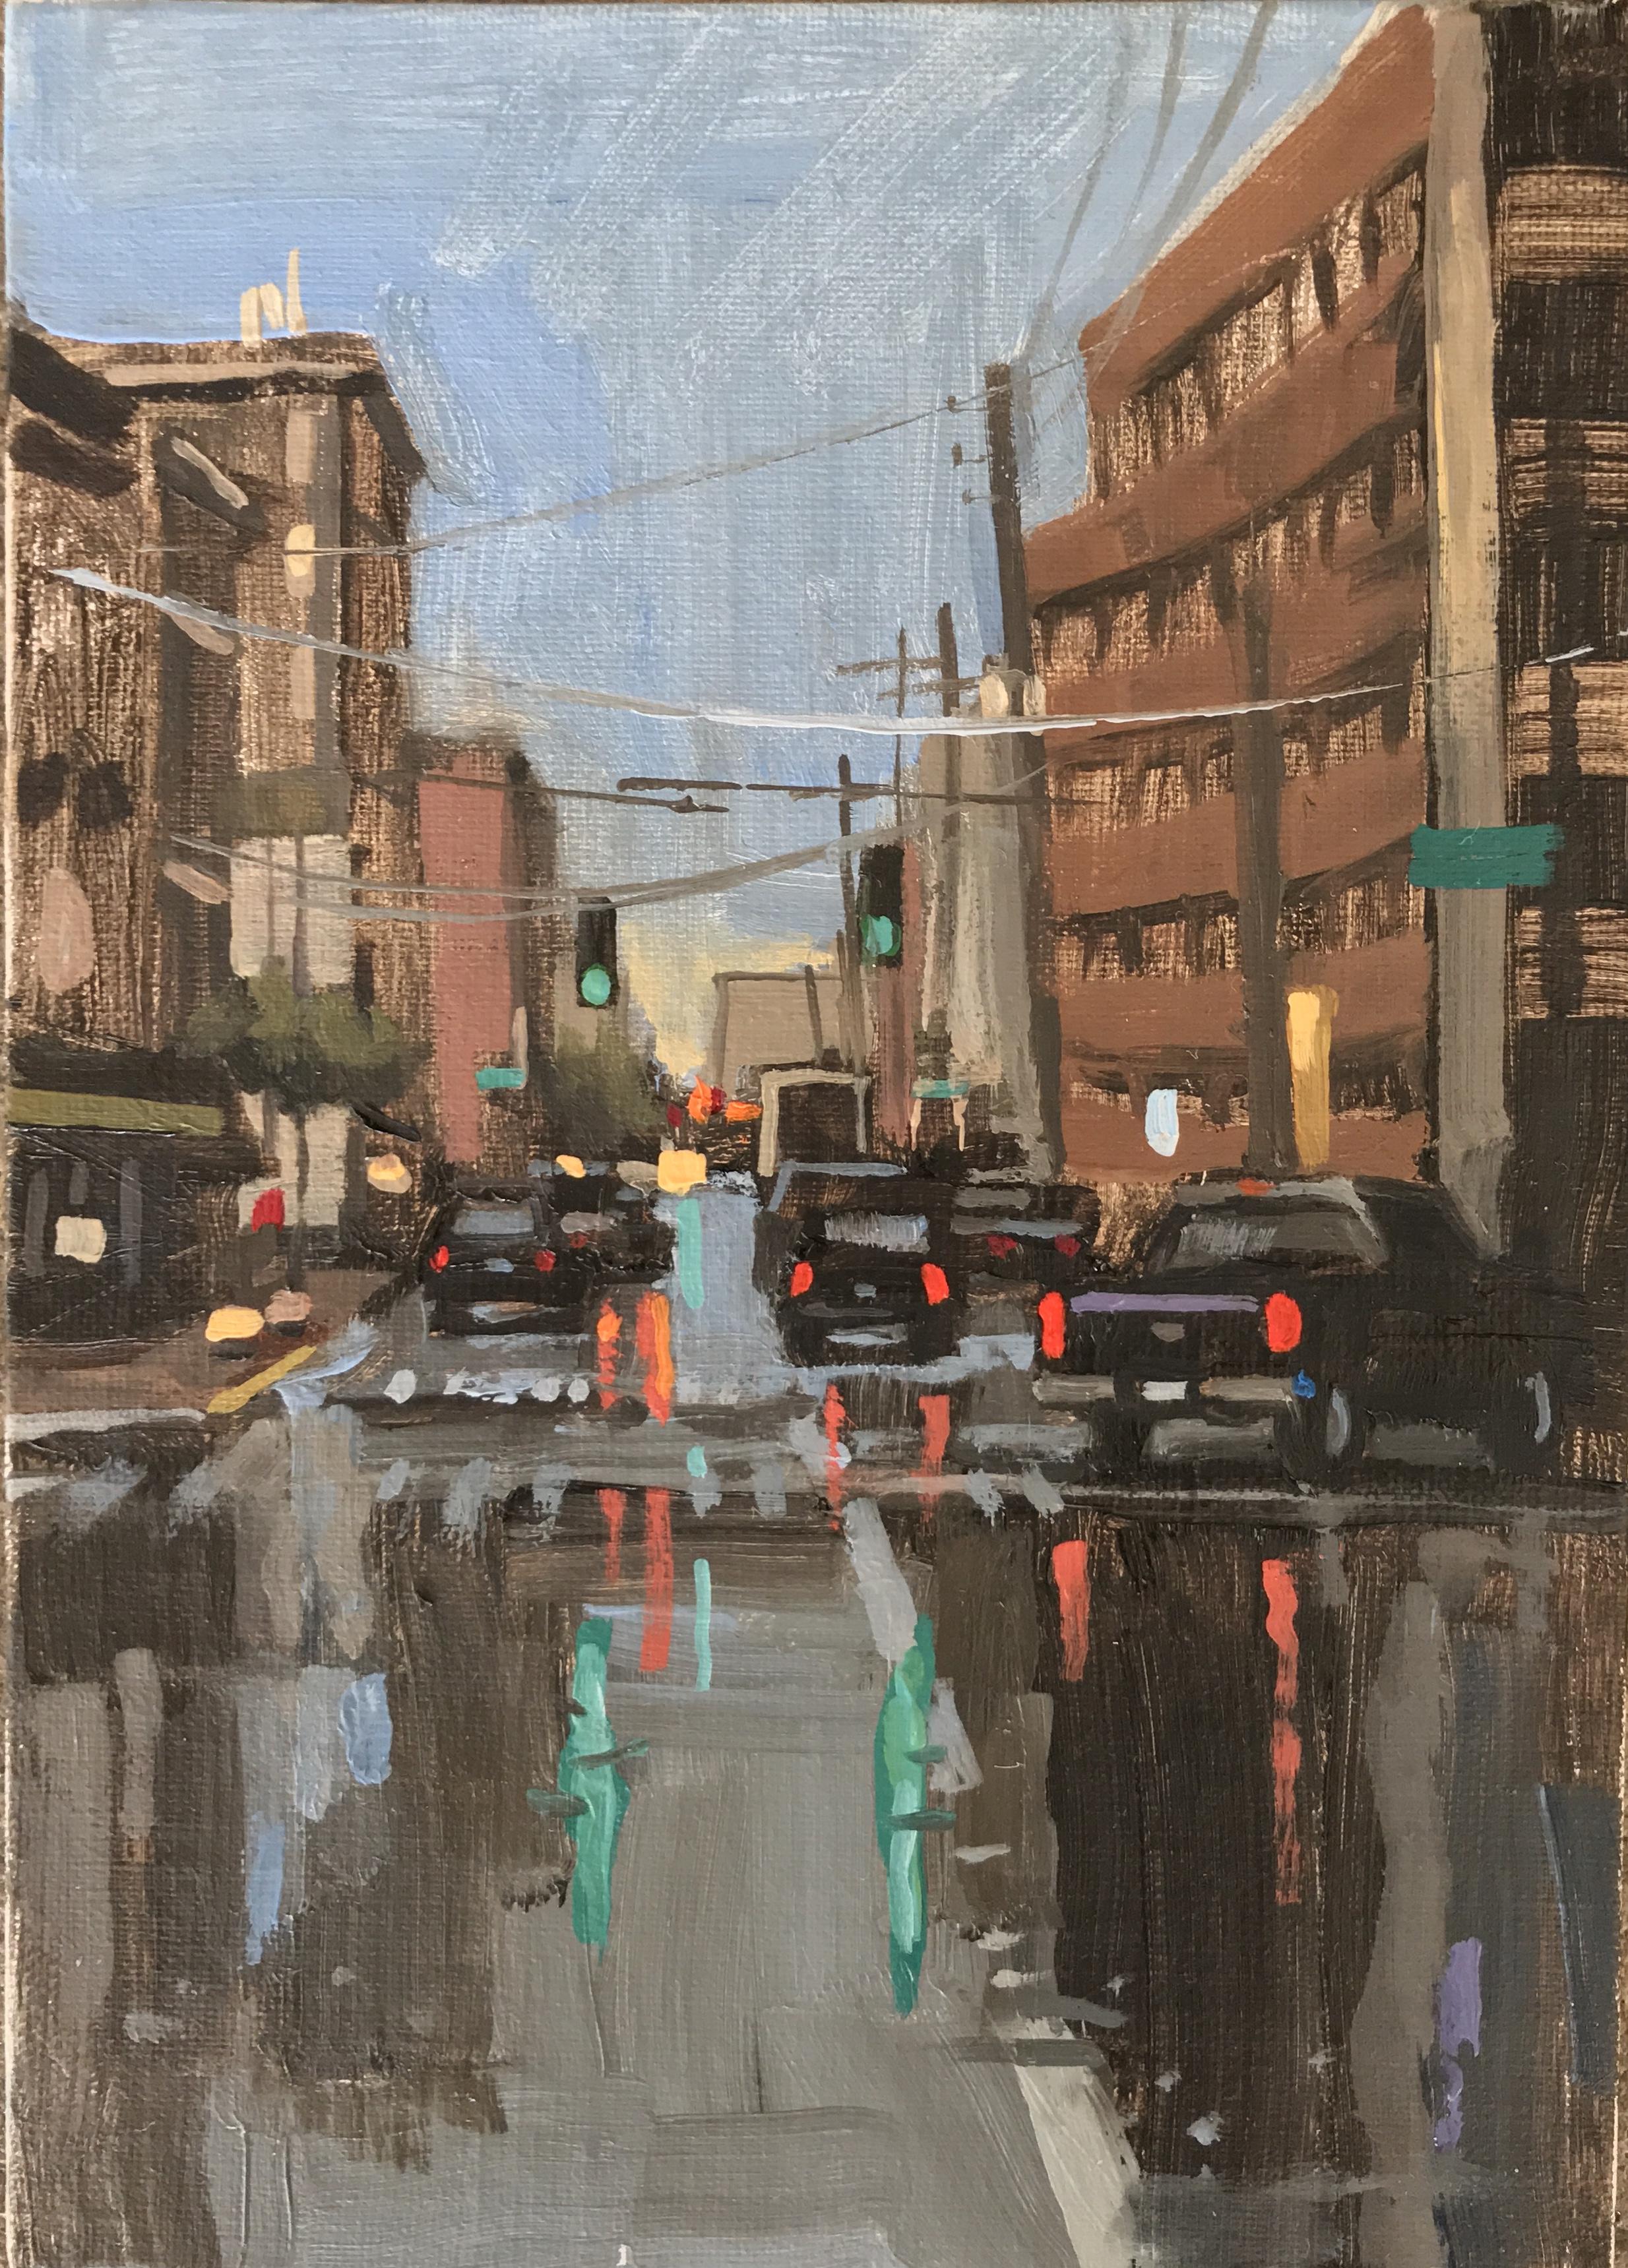 """""""Vine Street after Rain"""" by Lynn Dunbar Bayus, Oil on canvas, 5x7in, 2018, POR"""